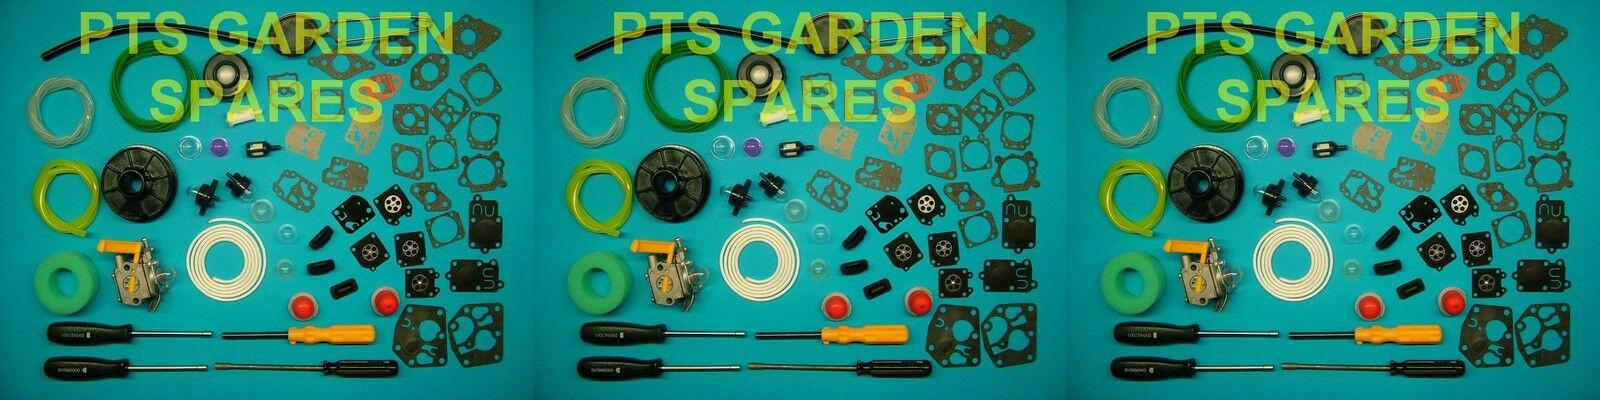 PTS Garden Spares